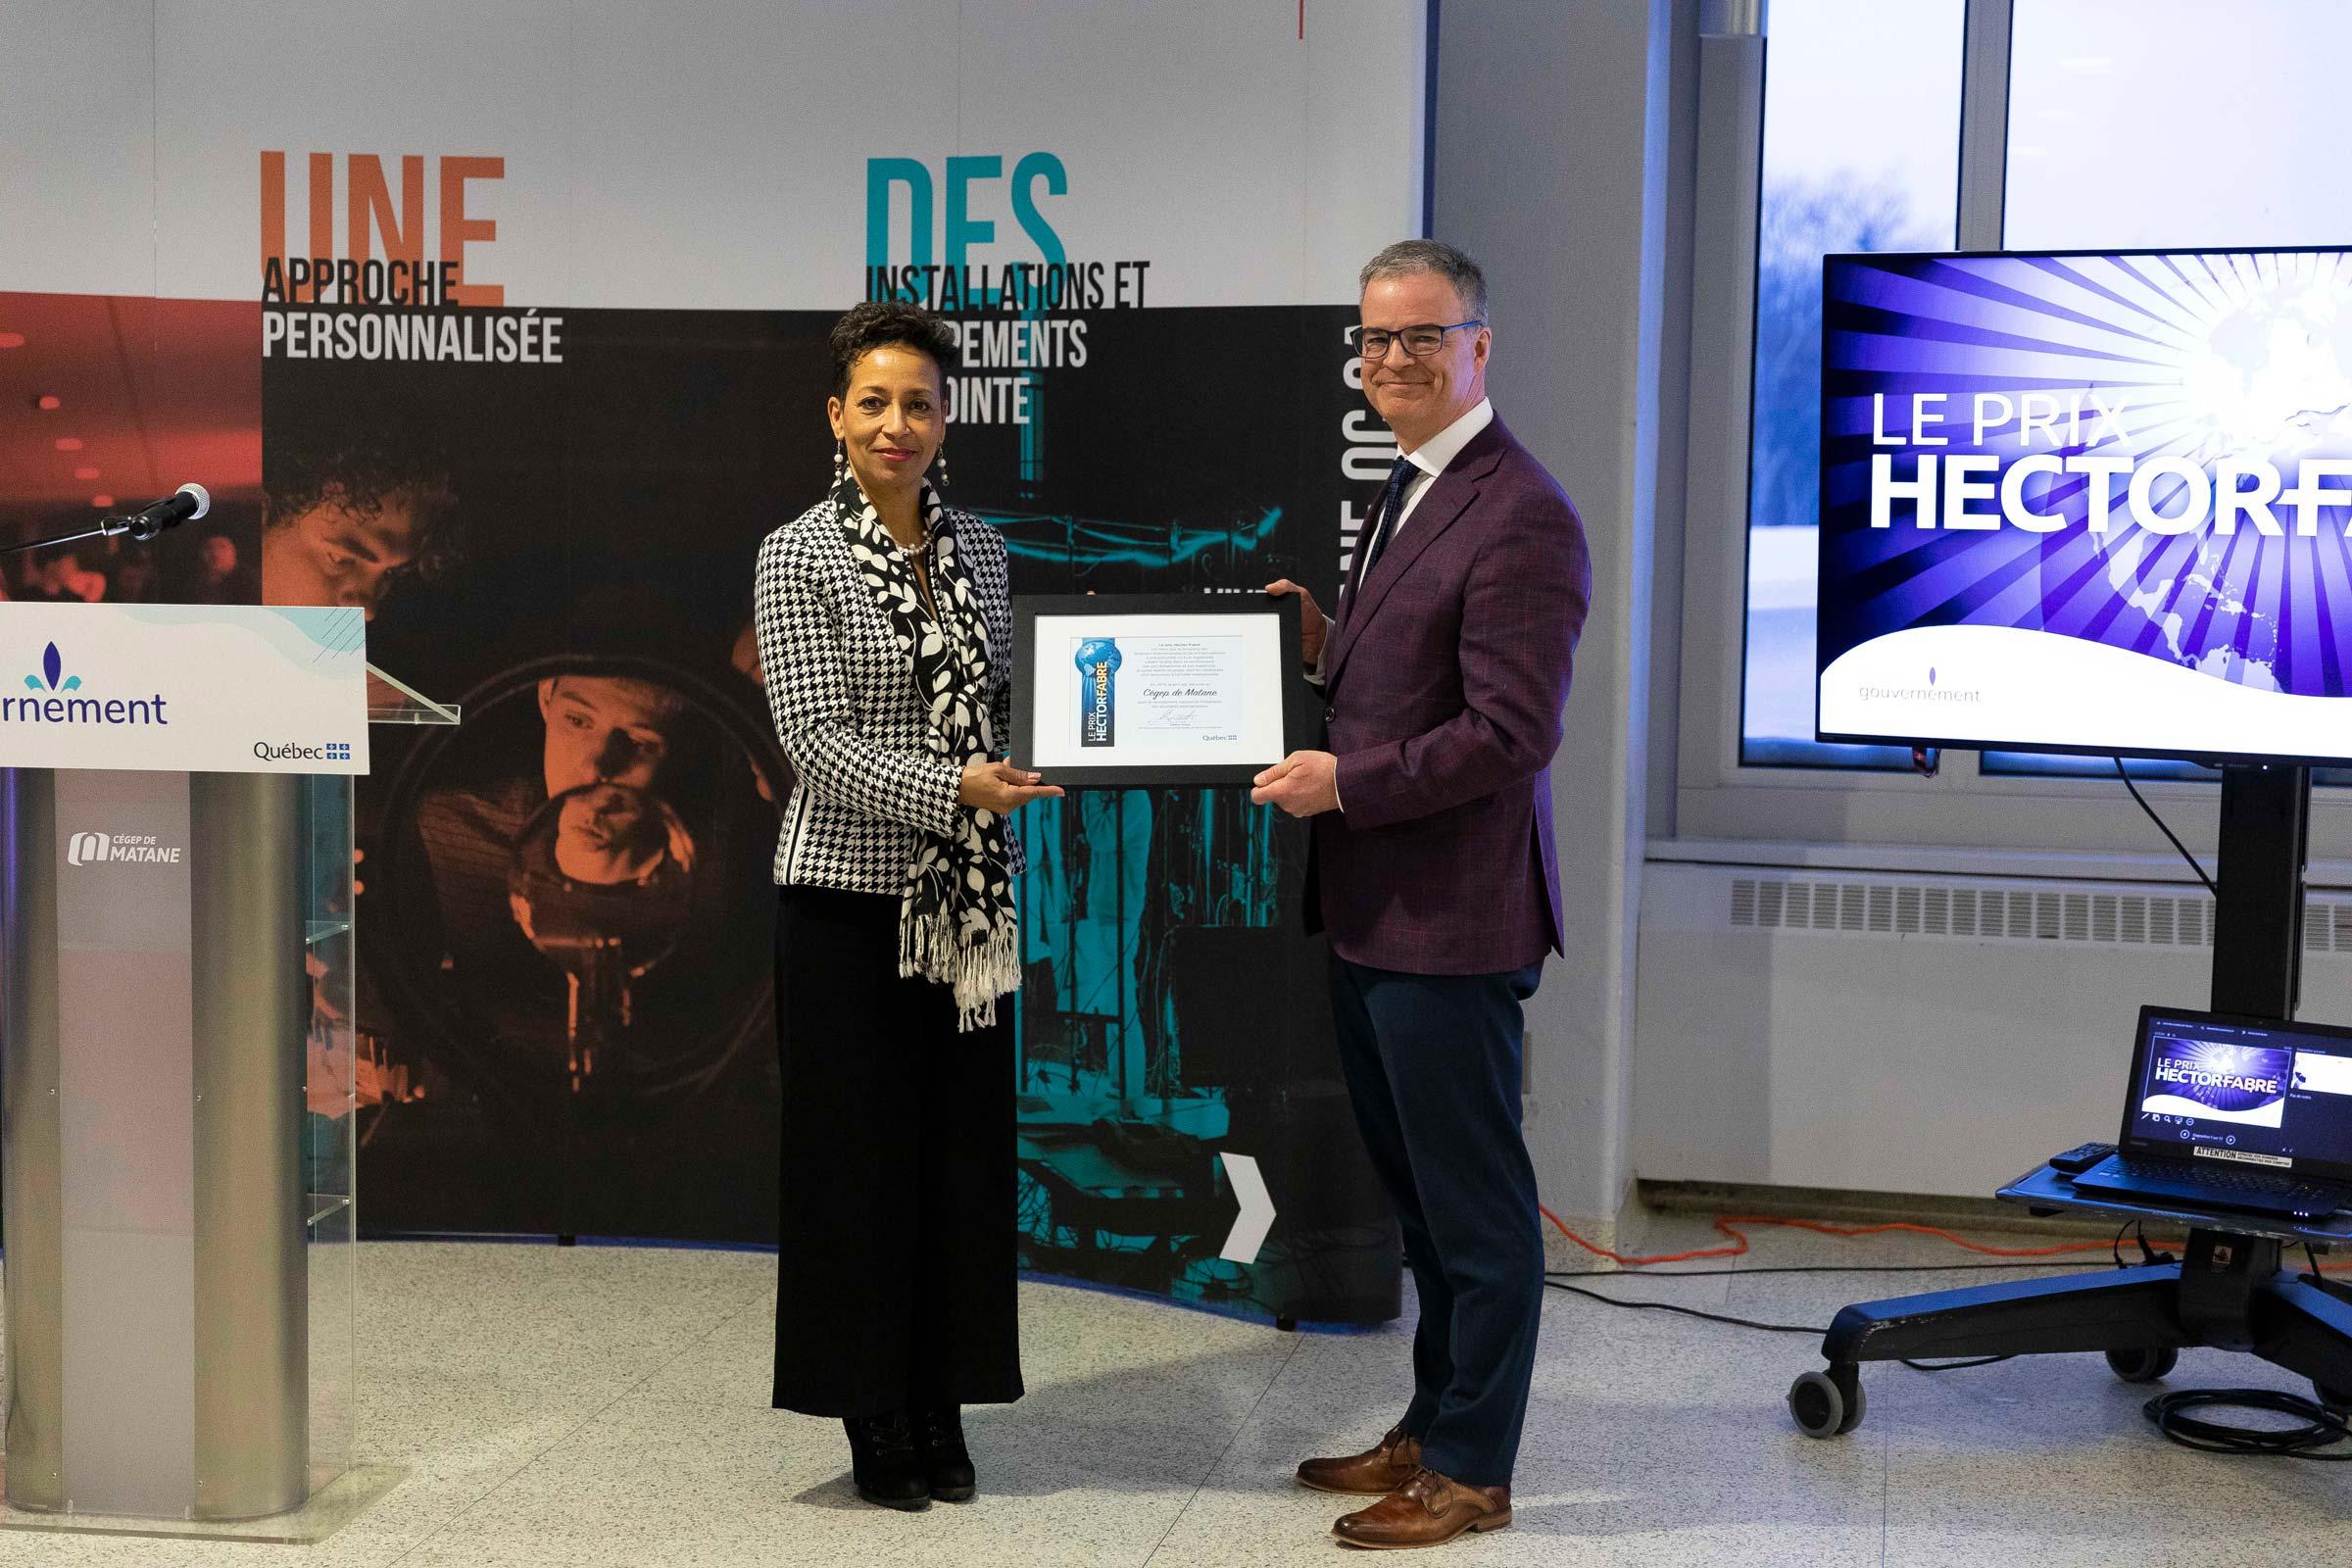 La ministre des Relations internationales et de la Francophonie remet l'édition 2019 du prix Hector-Fabre au Cégep de Matane